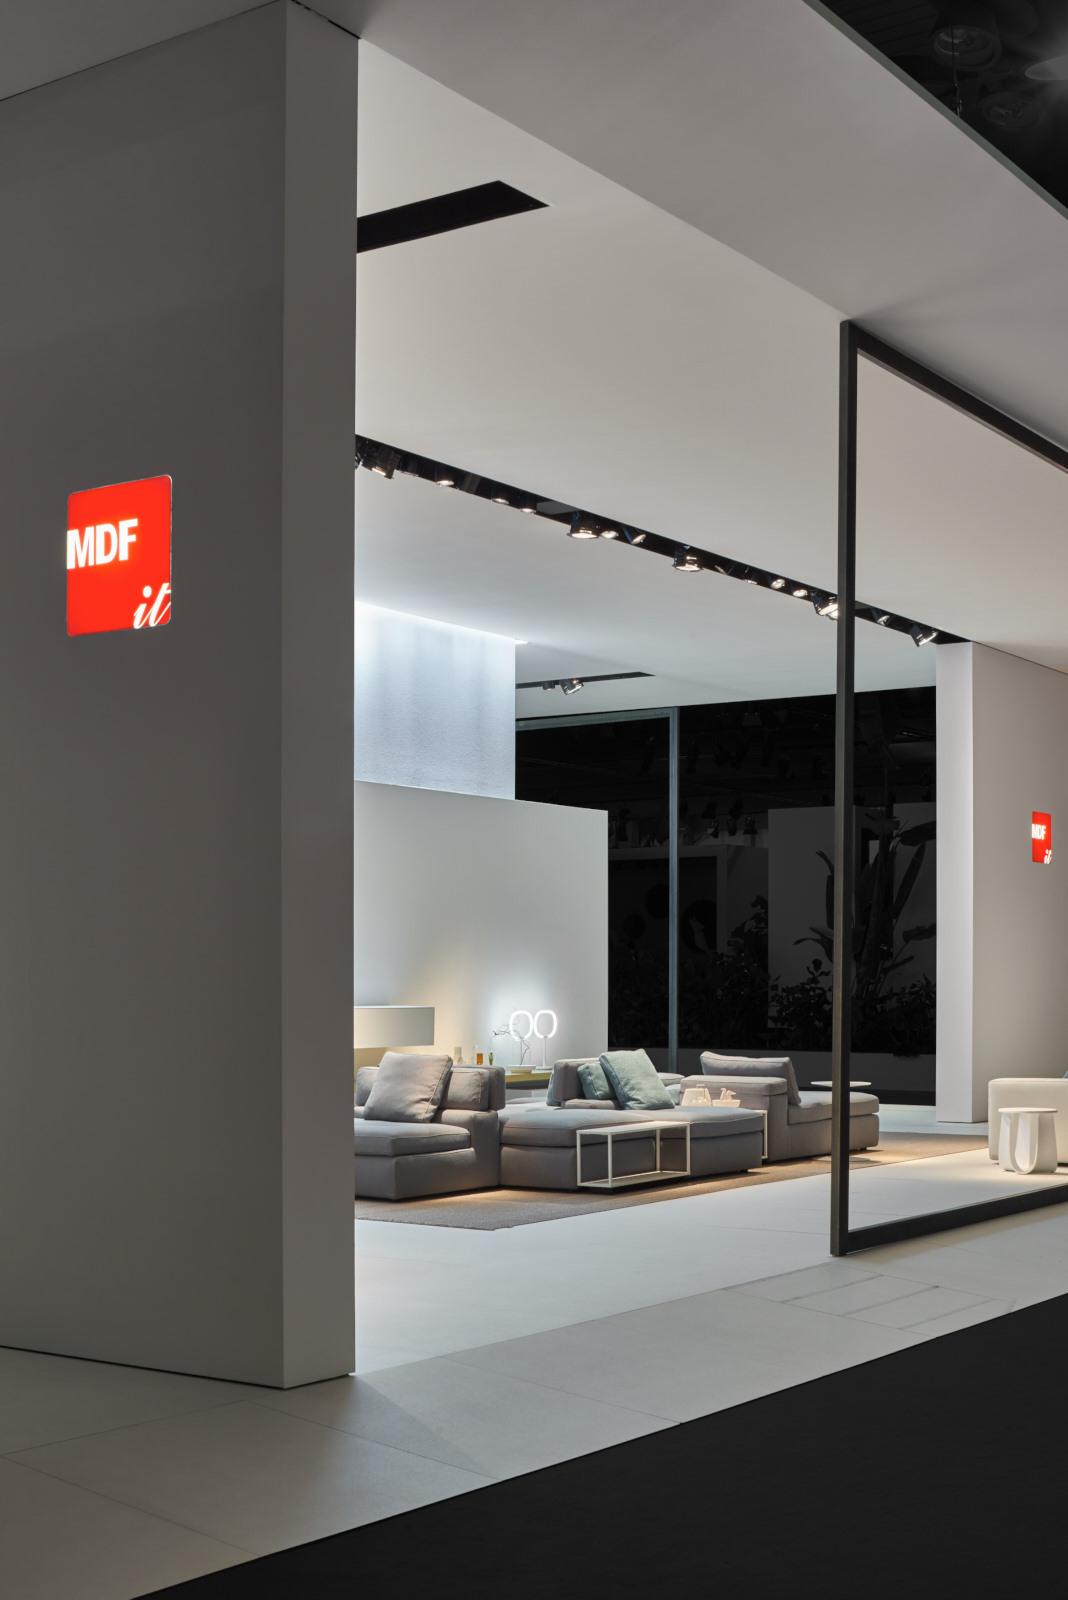 mdf italia cambiare per rimanere se stessi. Black Bedroom Furniture Sets. Home Design Ideas